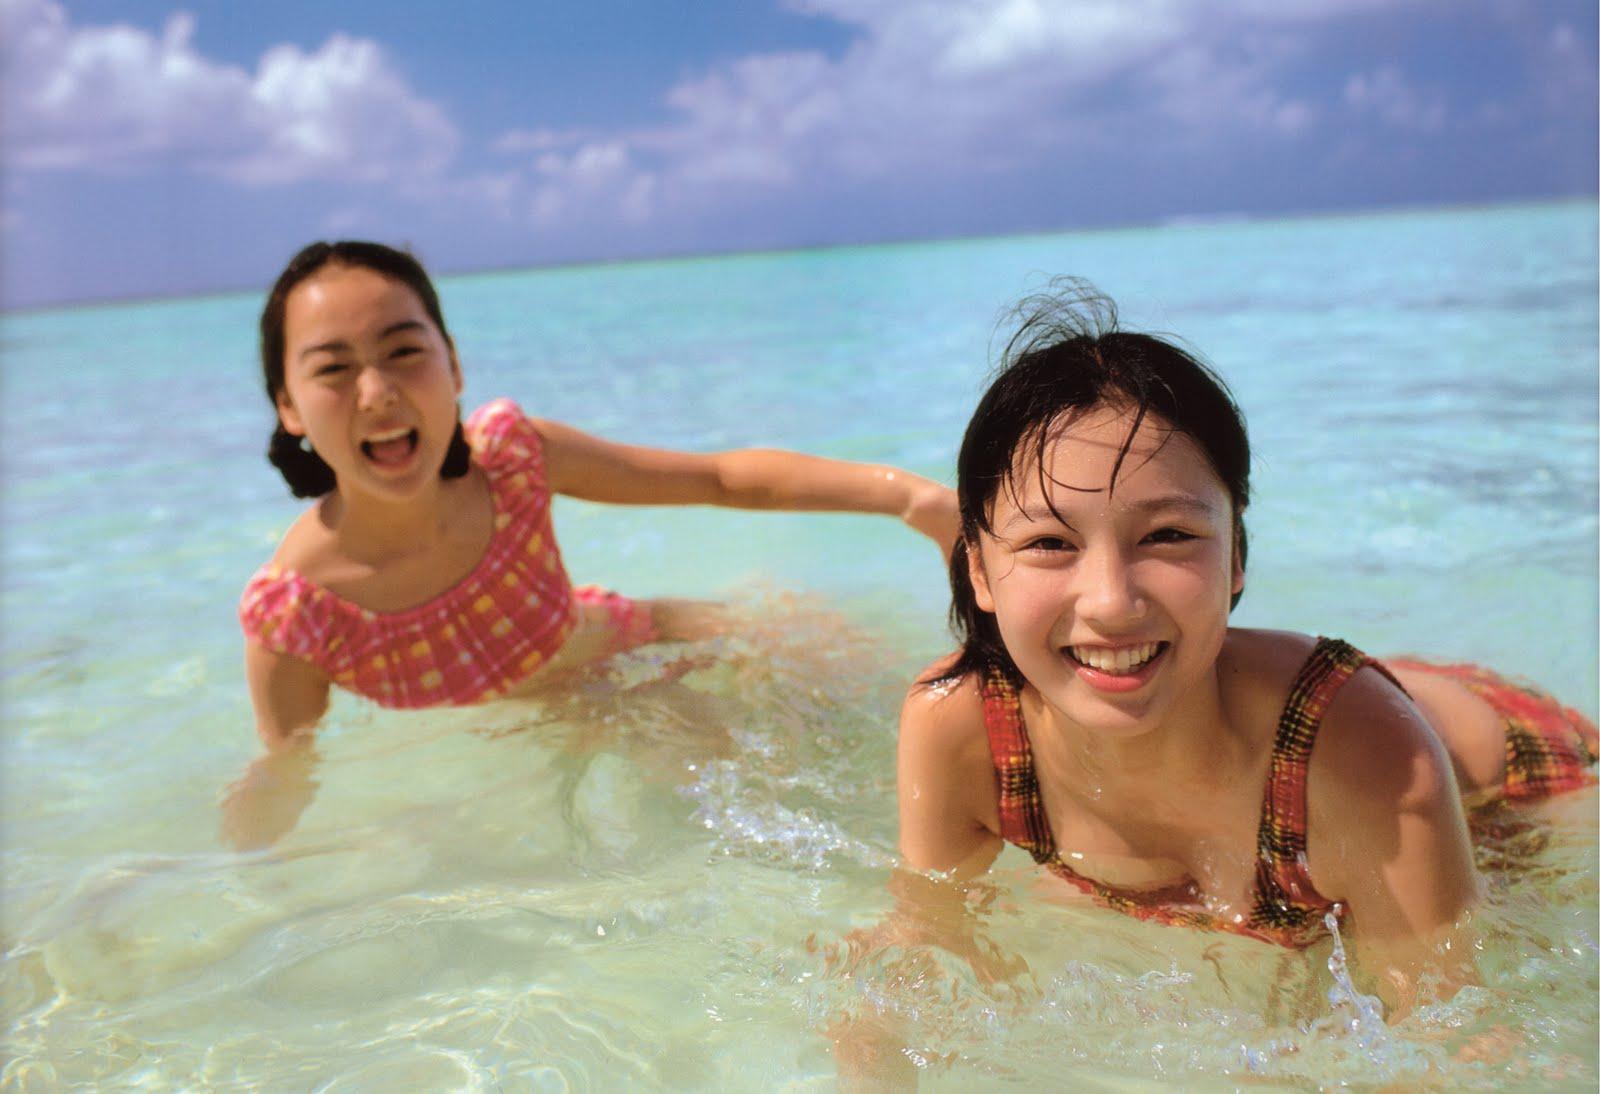 yoto mitsuya and saori nara sexy photos 10